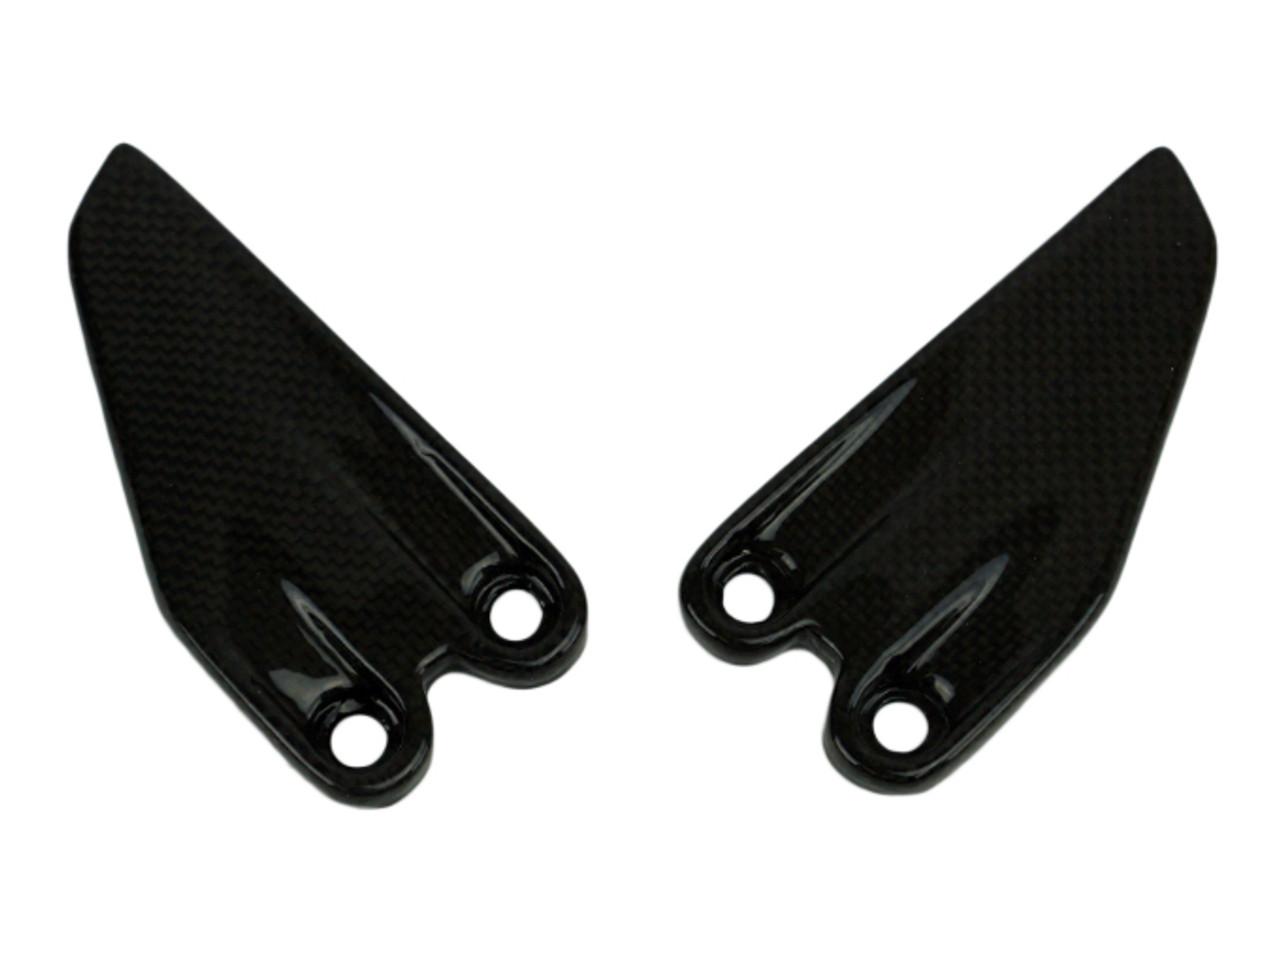 Heel Guards in Glossy Plain Weave Carbon Fiber for KTM Duke 390 2017+